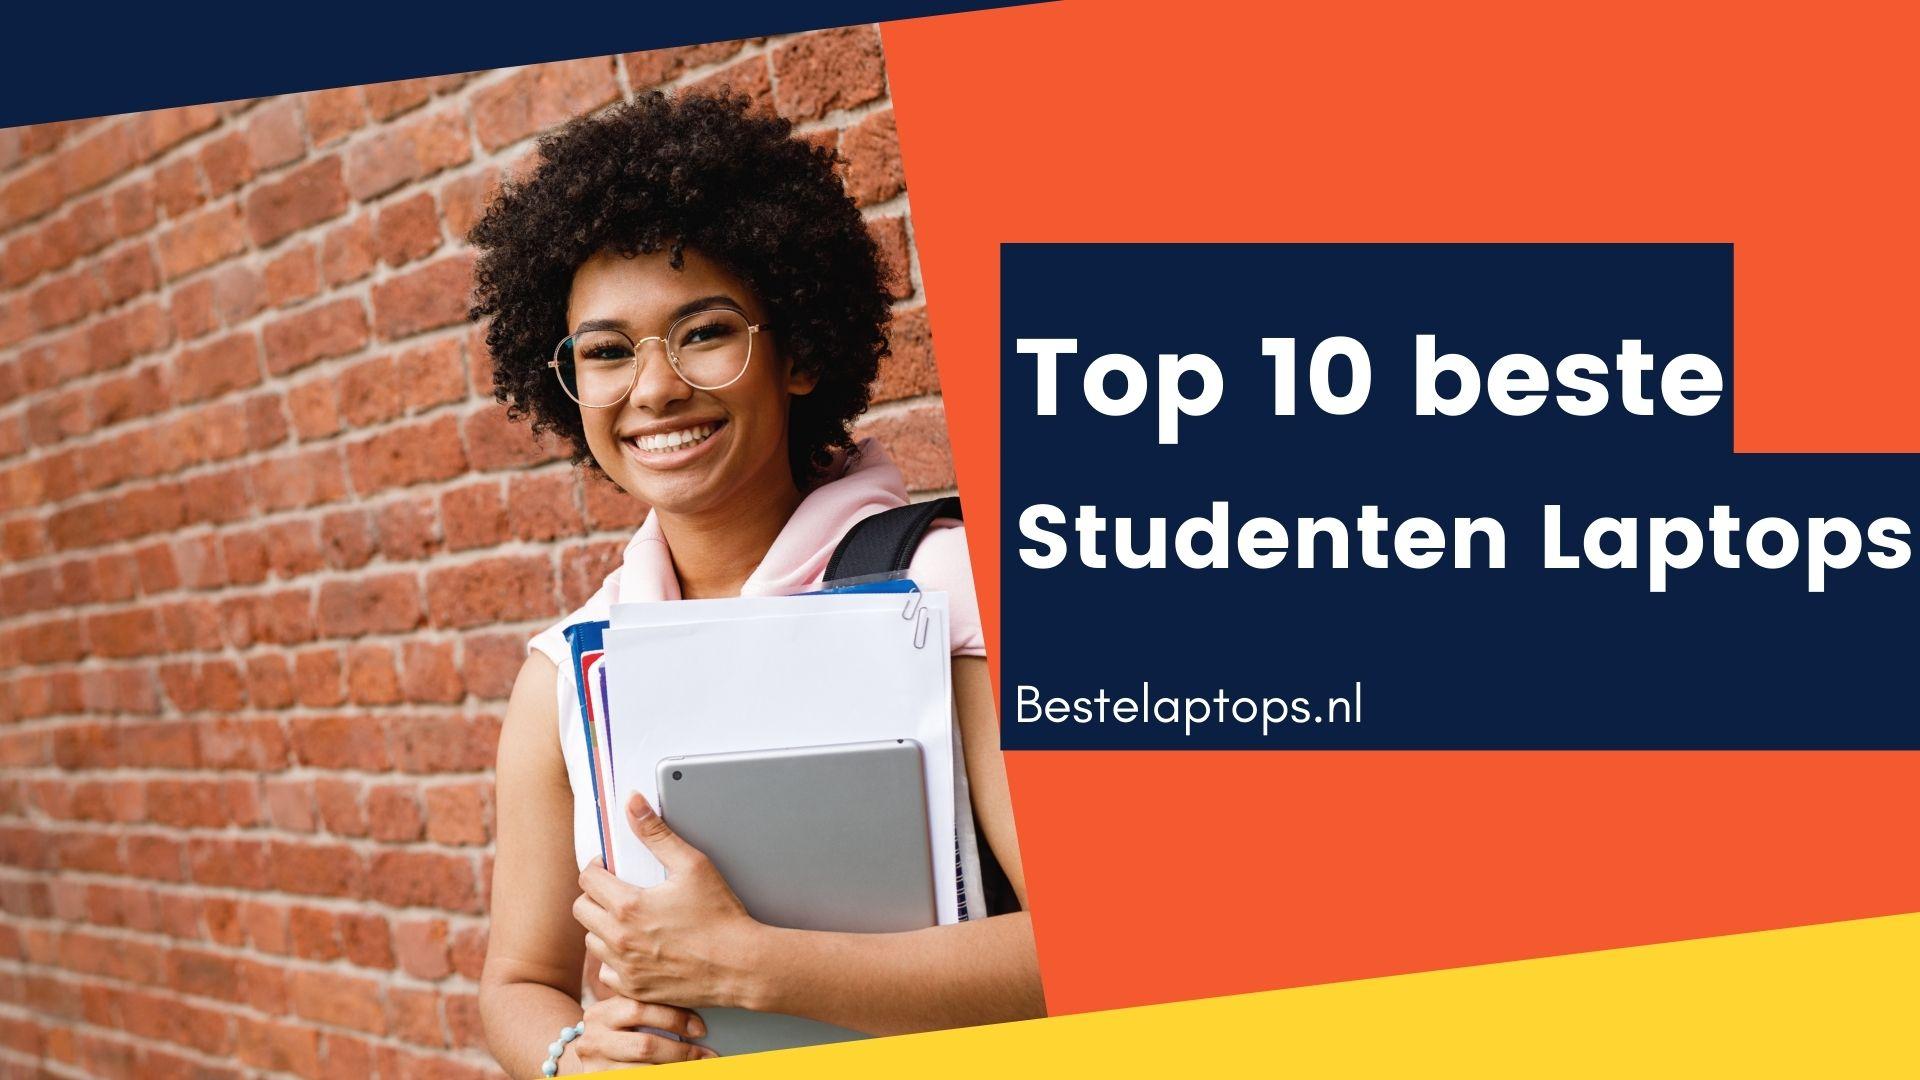 Top 10 beste Studenten Laptops 2021